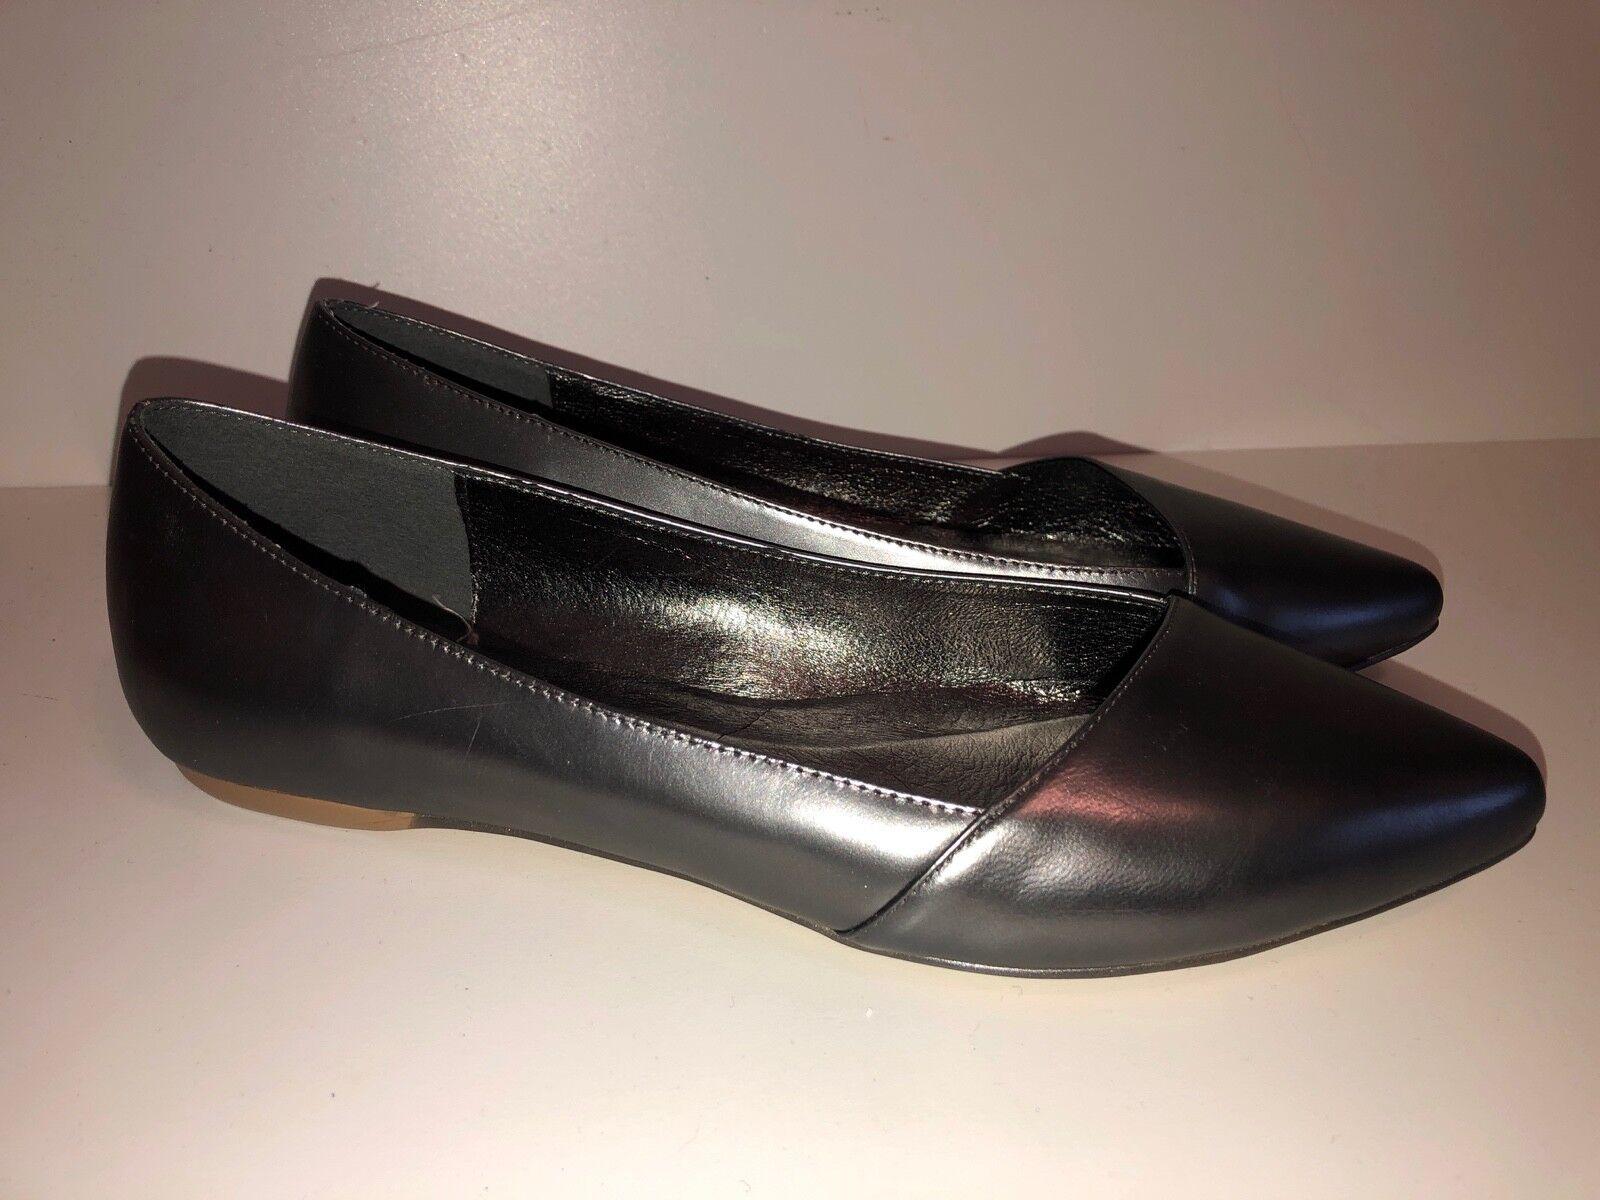 Slipper Schuhe ️ Heine by Best B.C. ️ Ballerinas